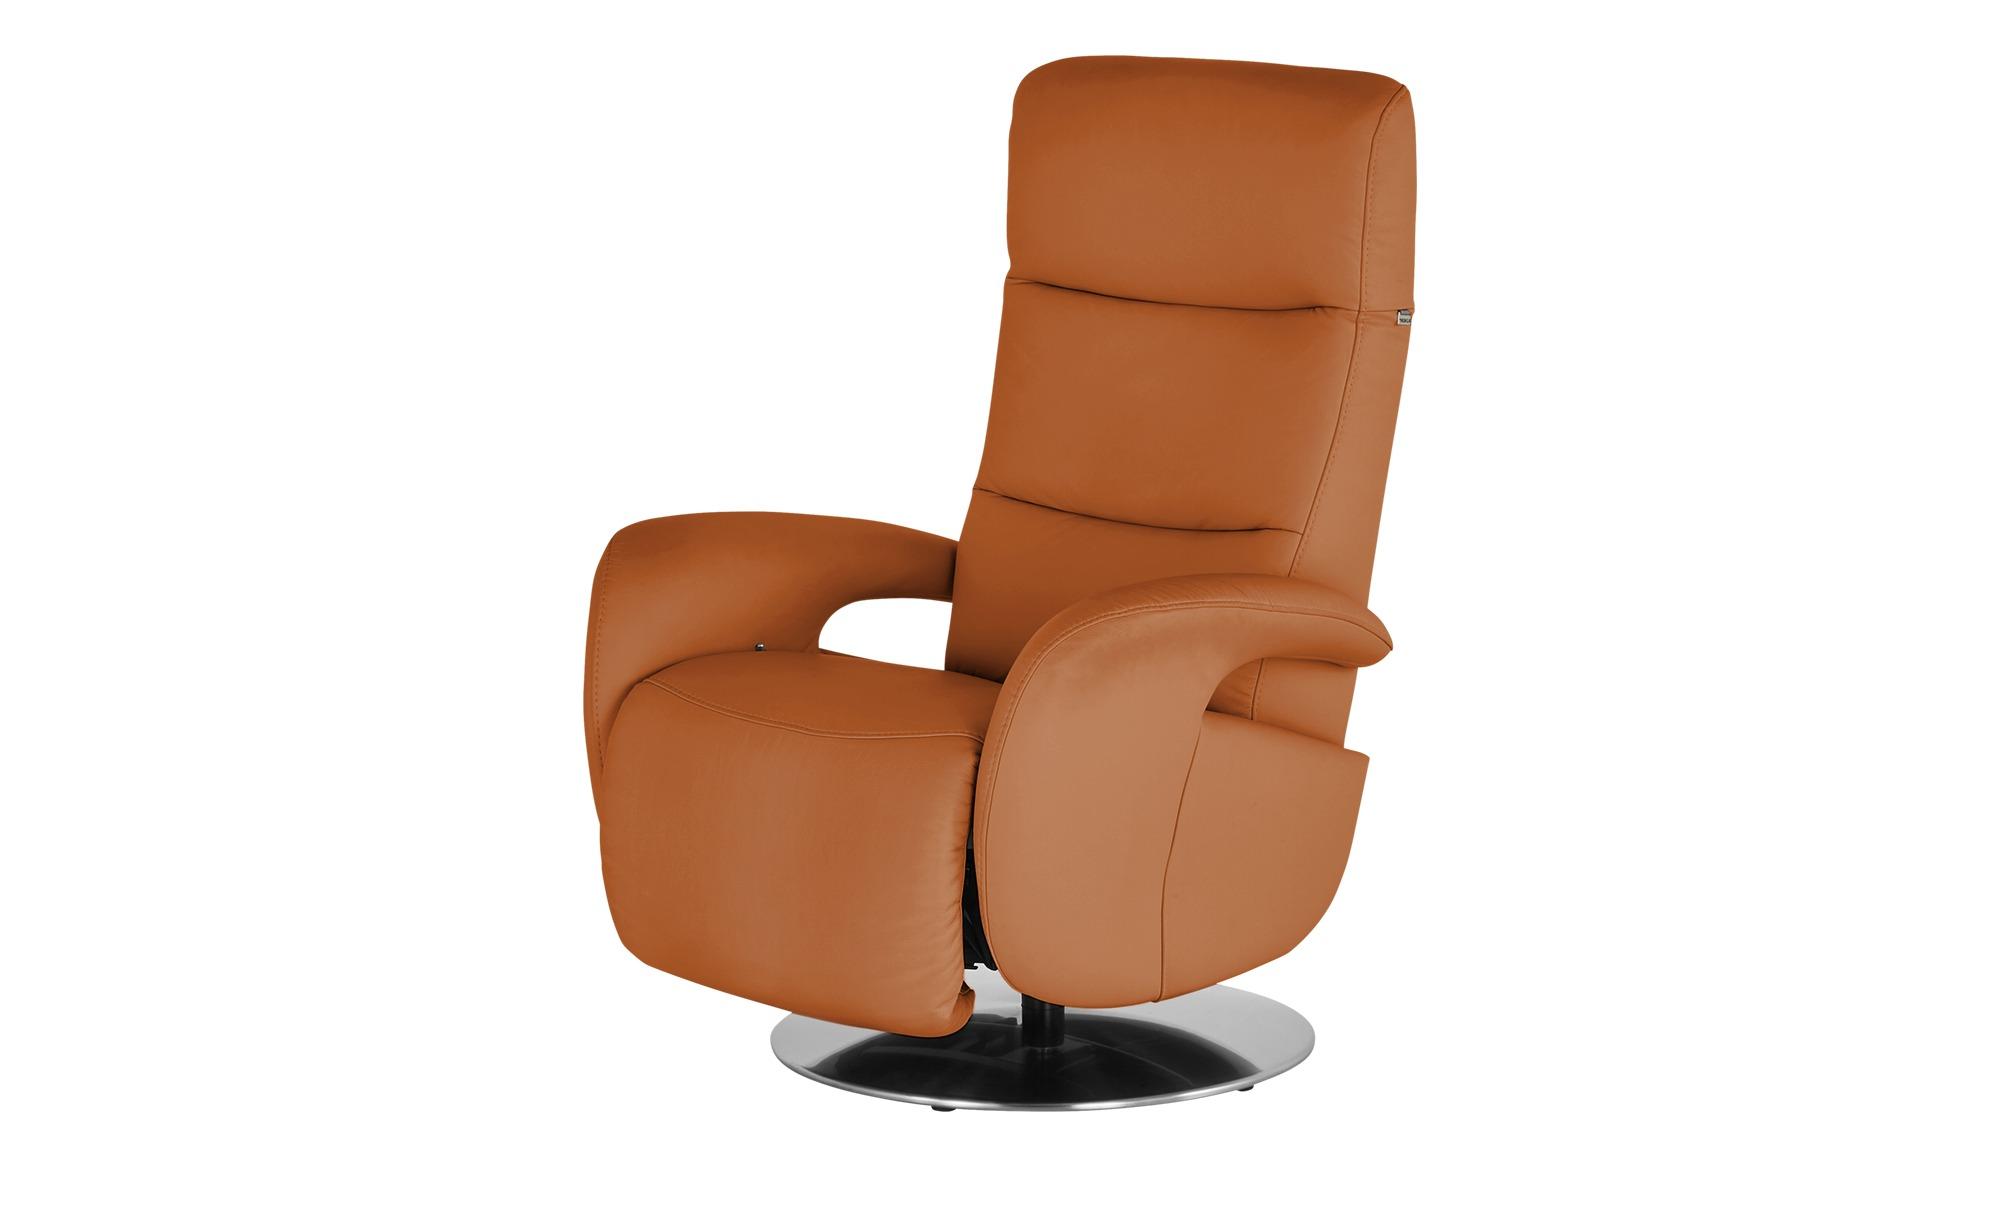 Hukla Relaxsessel  Andy ¦ orange ¦ Maße (cm): B: 79 H: 110 T: 85 Polstermöbel > Sessel > Fernsehsessel - Höffner